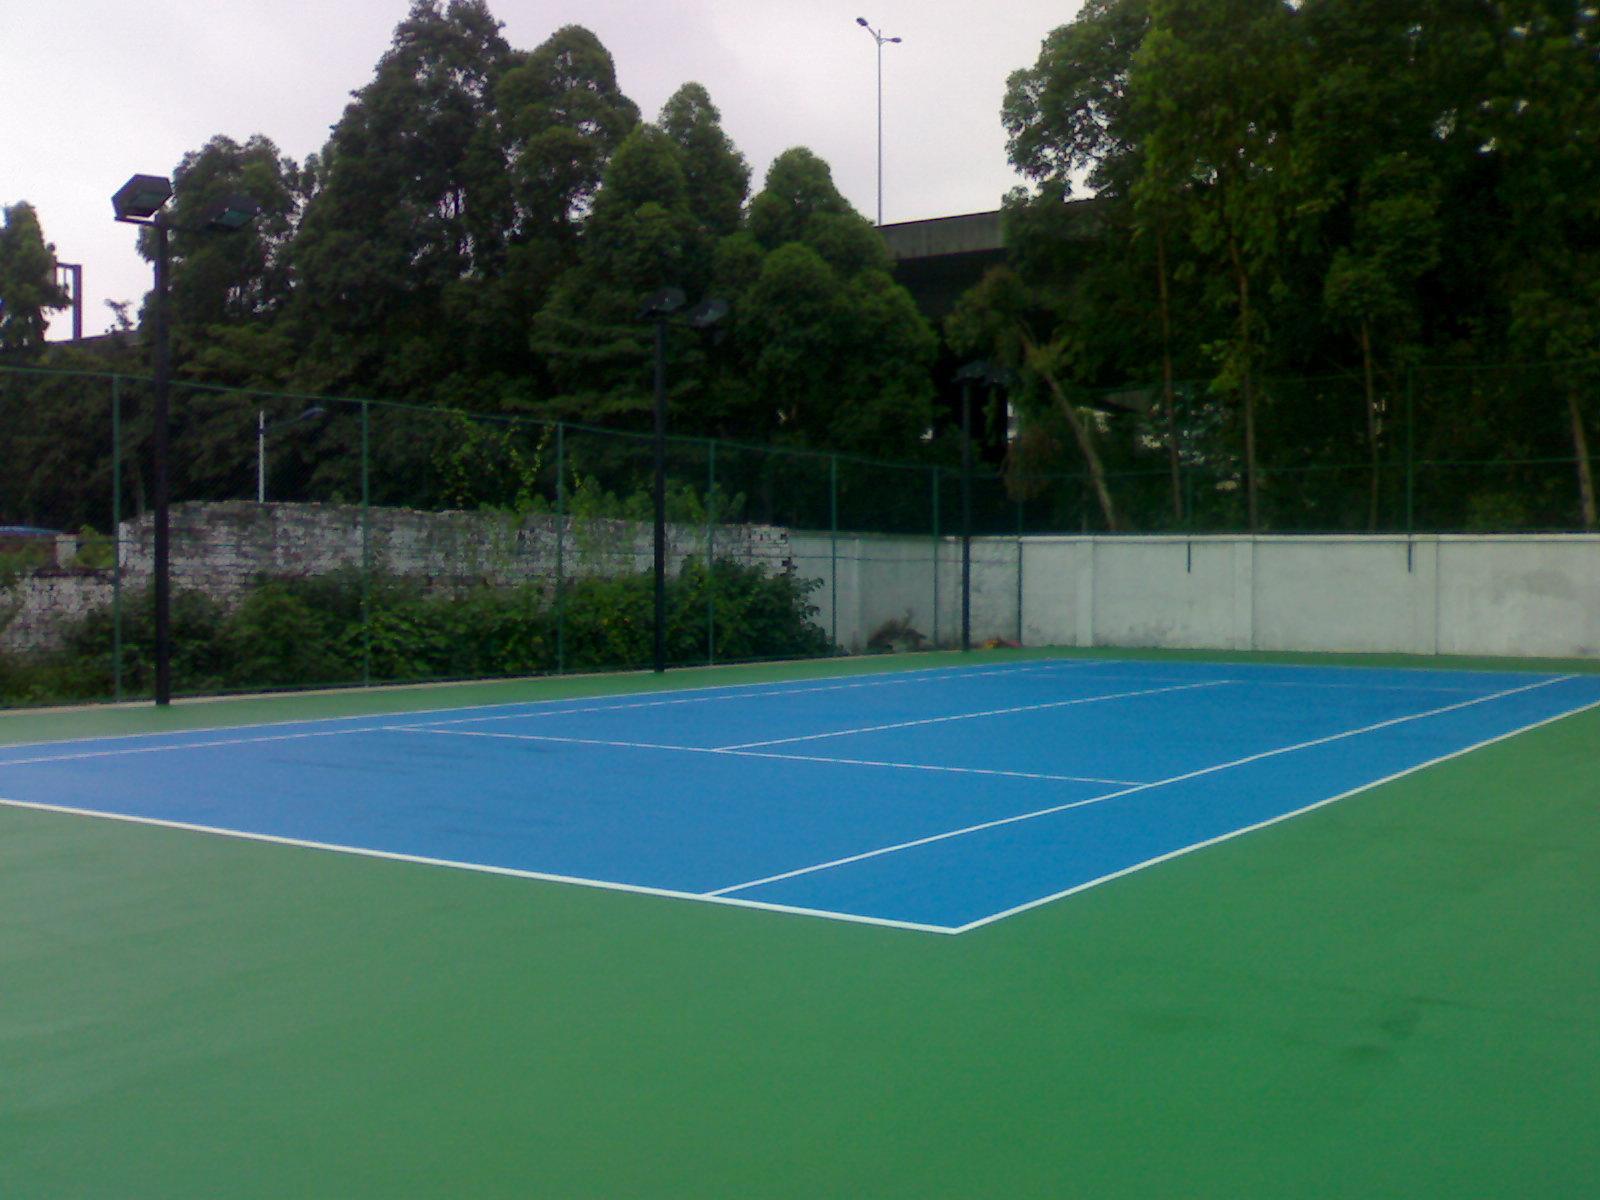 室外丙烯酸篮球场 网球场 羽毛球场地专业运动场施工 材料